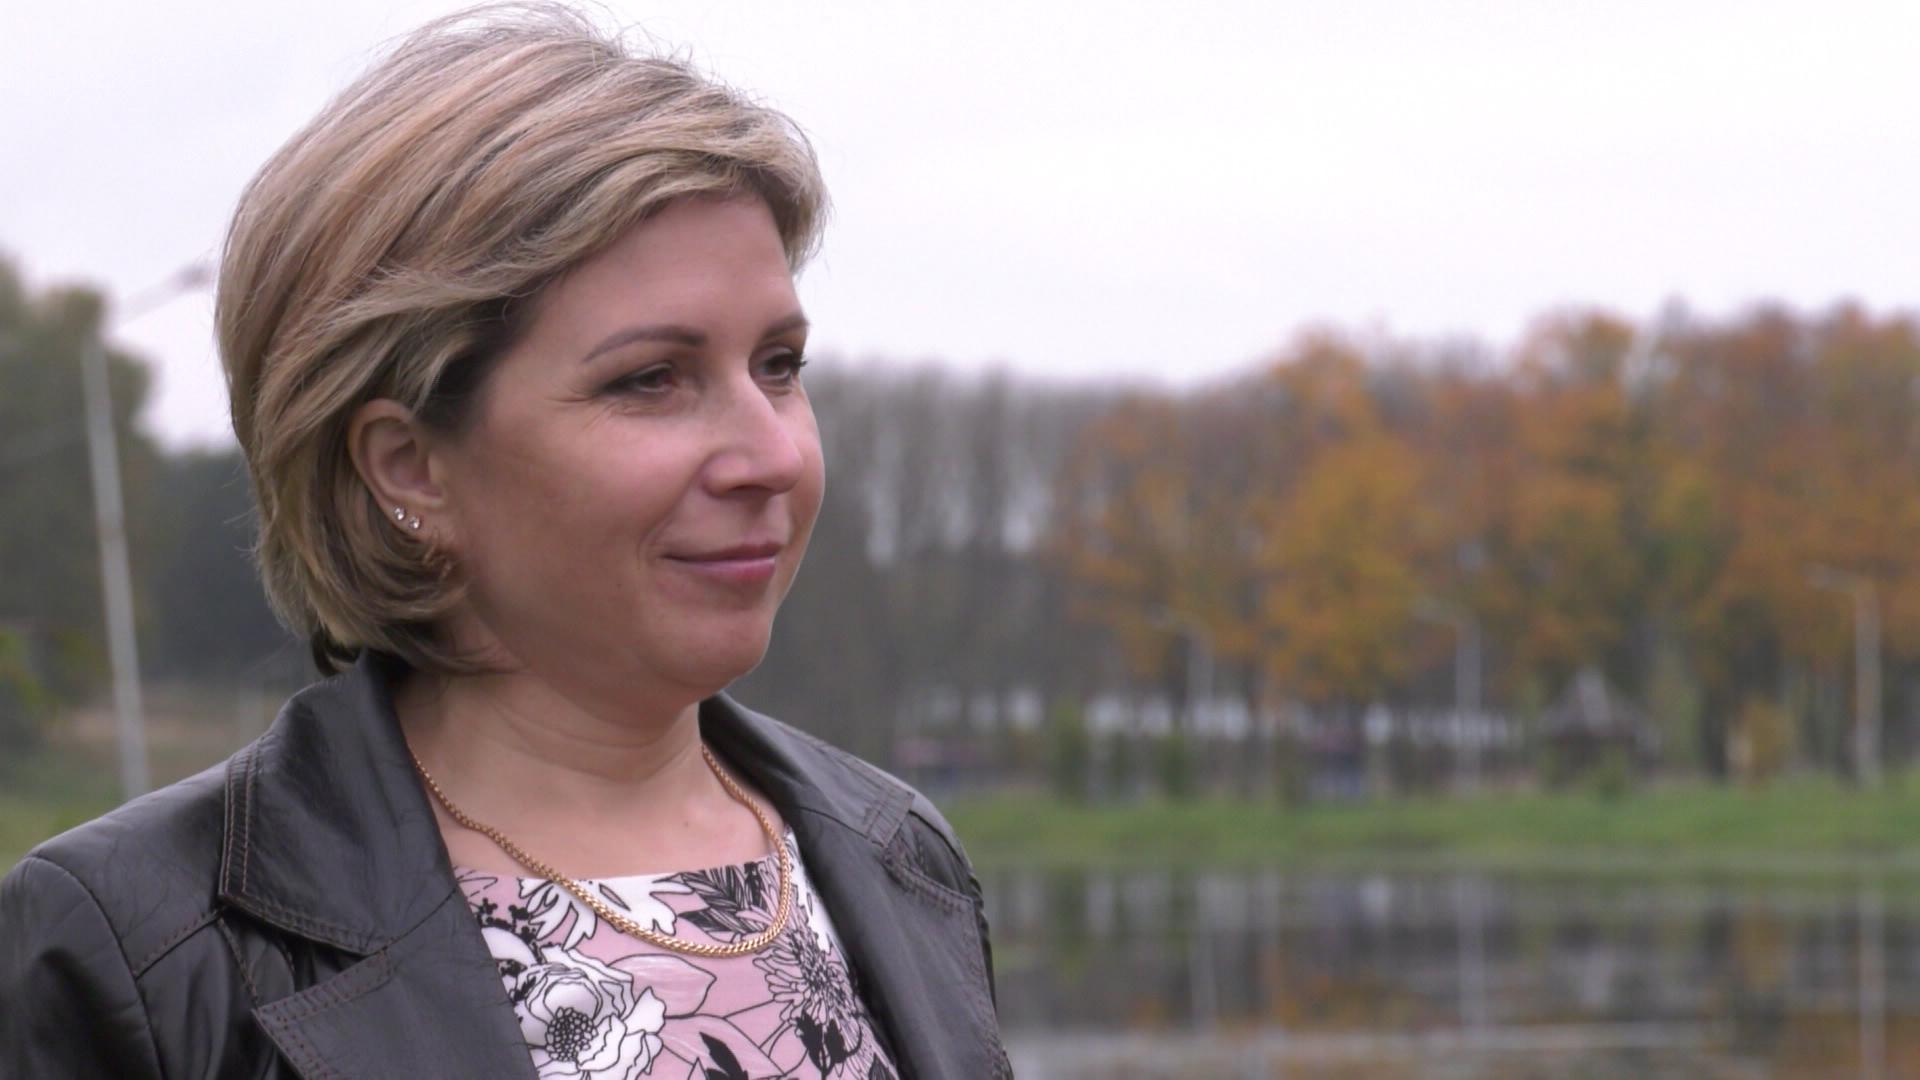 mama - Елена Жебентяева из Витебска - лауреат премии за материнство (видео)